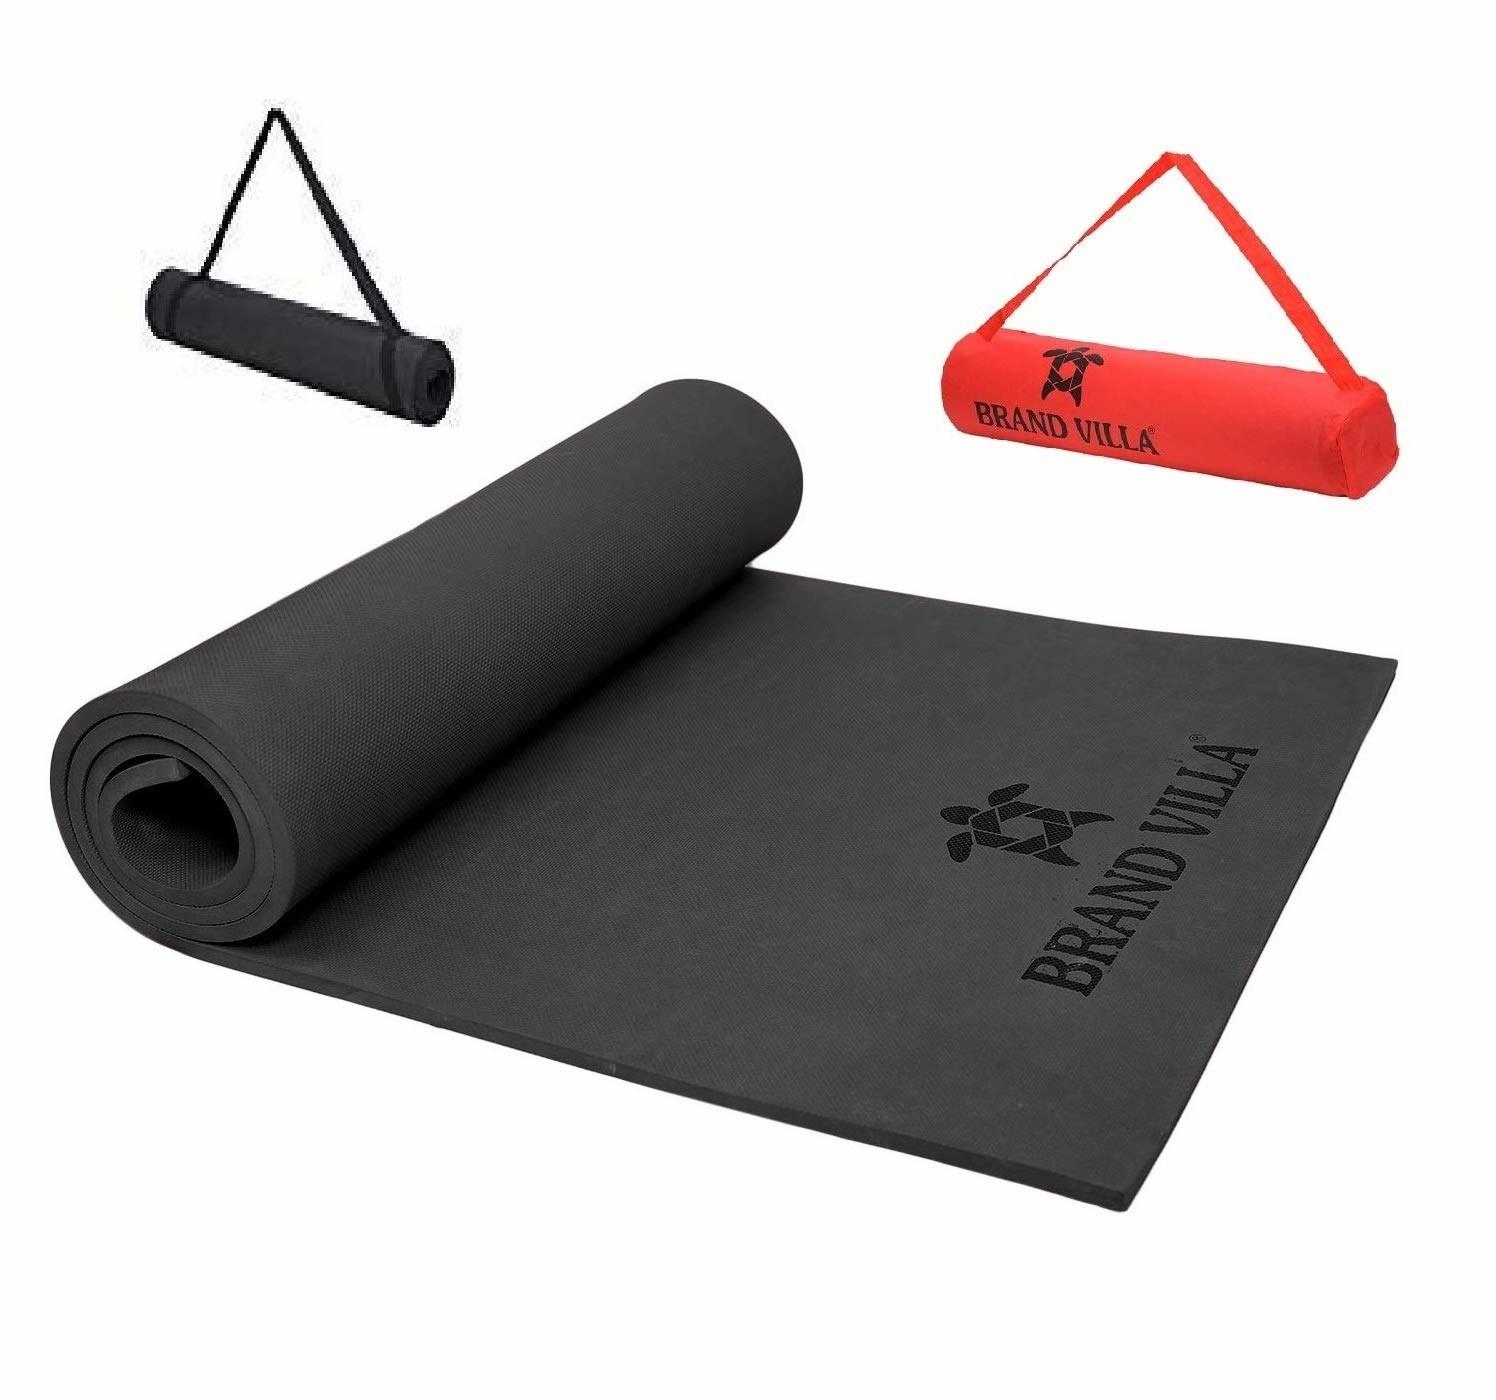 A black yoga mat